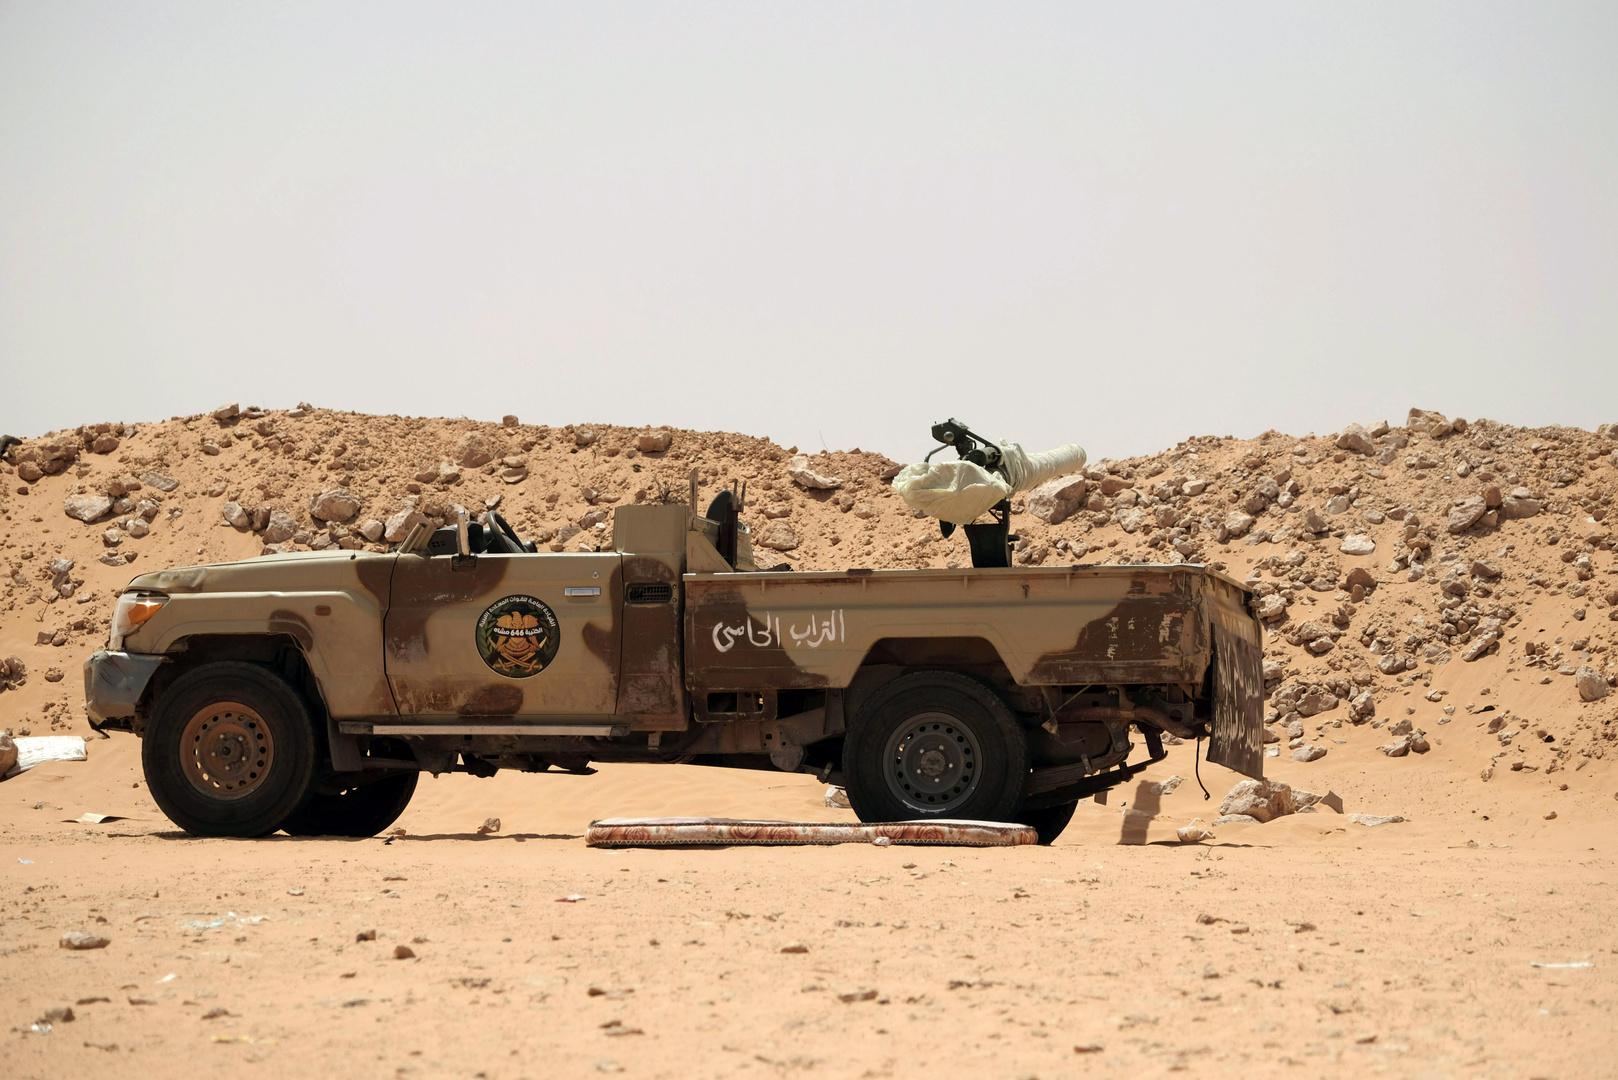 آلية تابعة للجيش الوطني الليبي، أرشيف